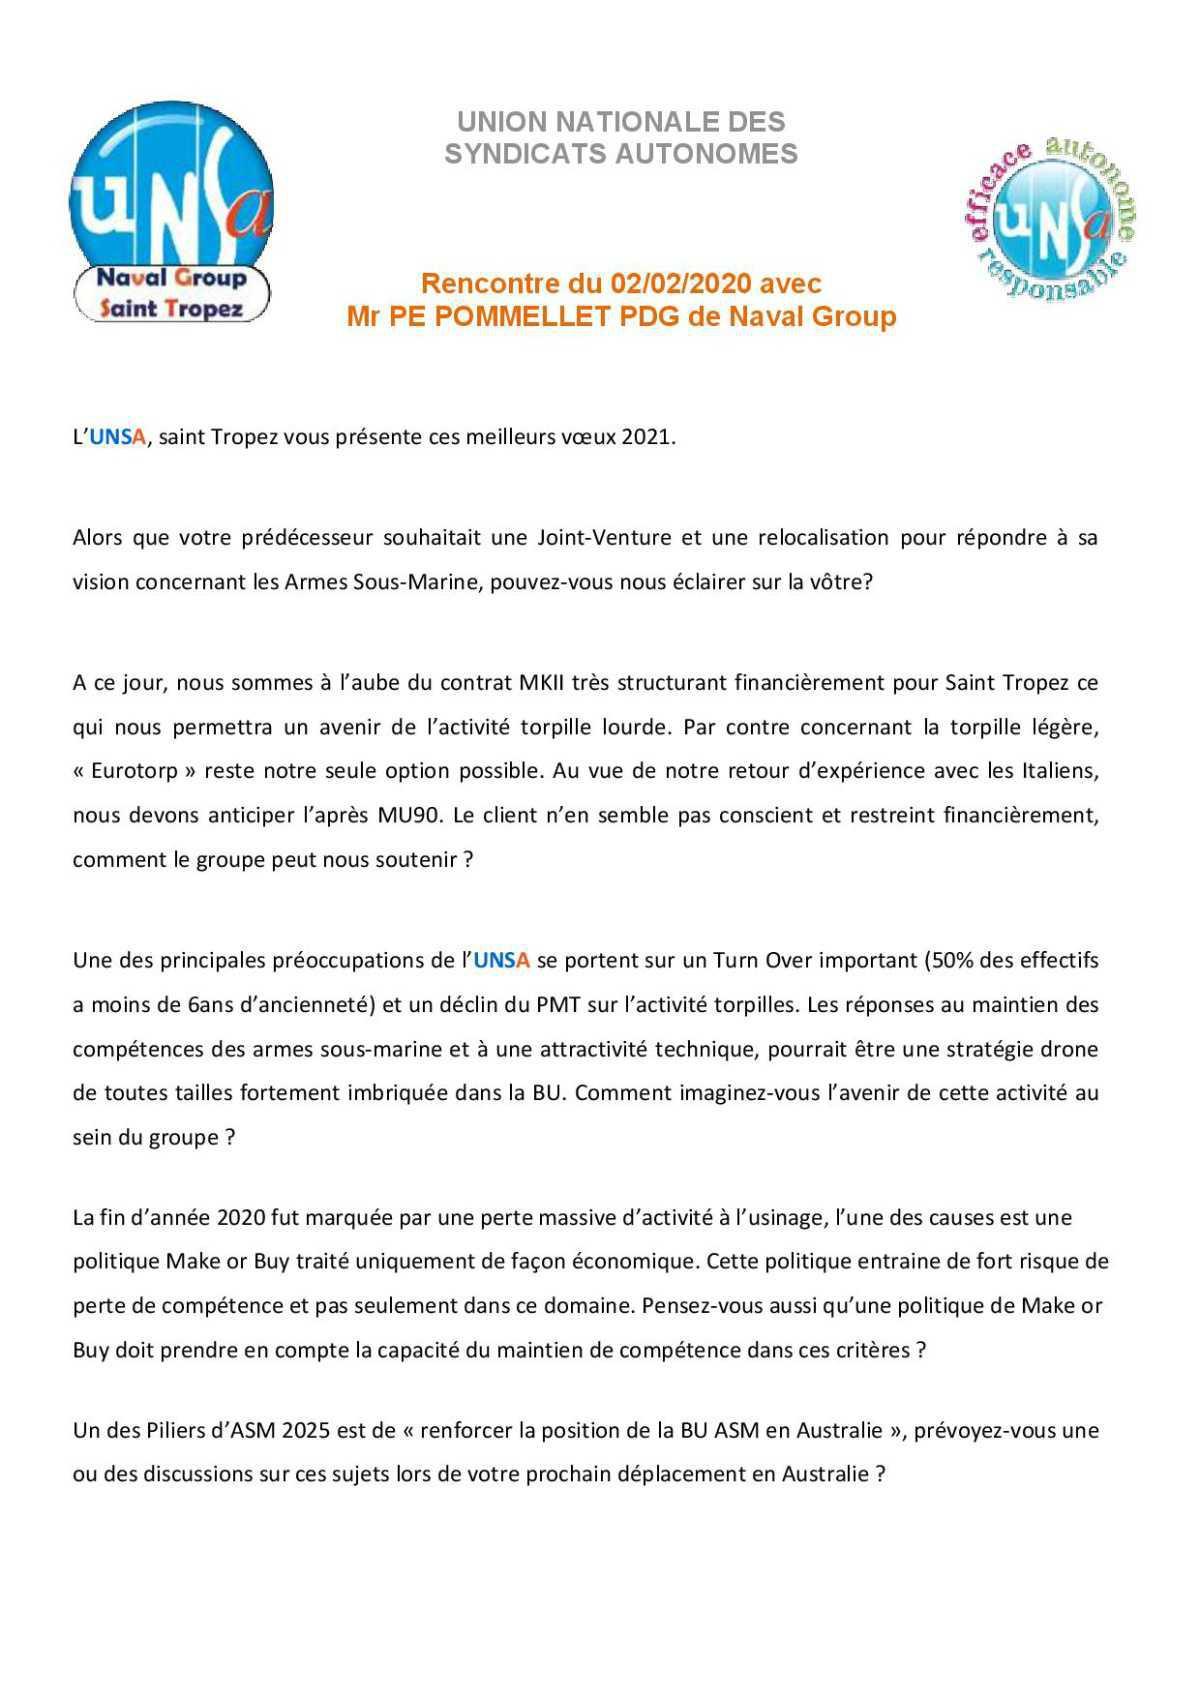 Rencontre avec le PDG - Réunion du 2 février 2021